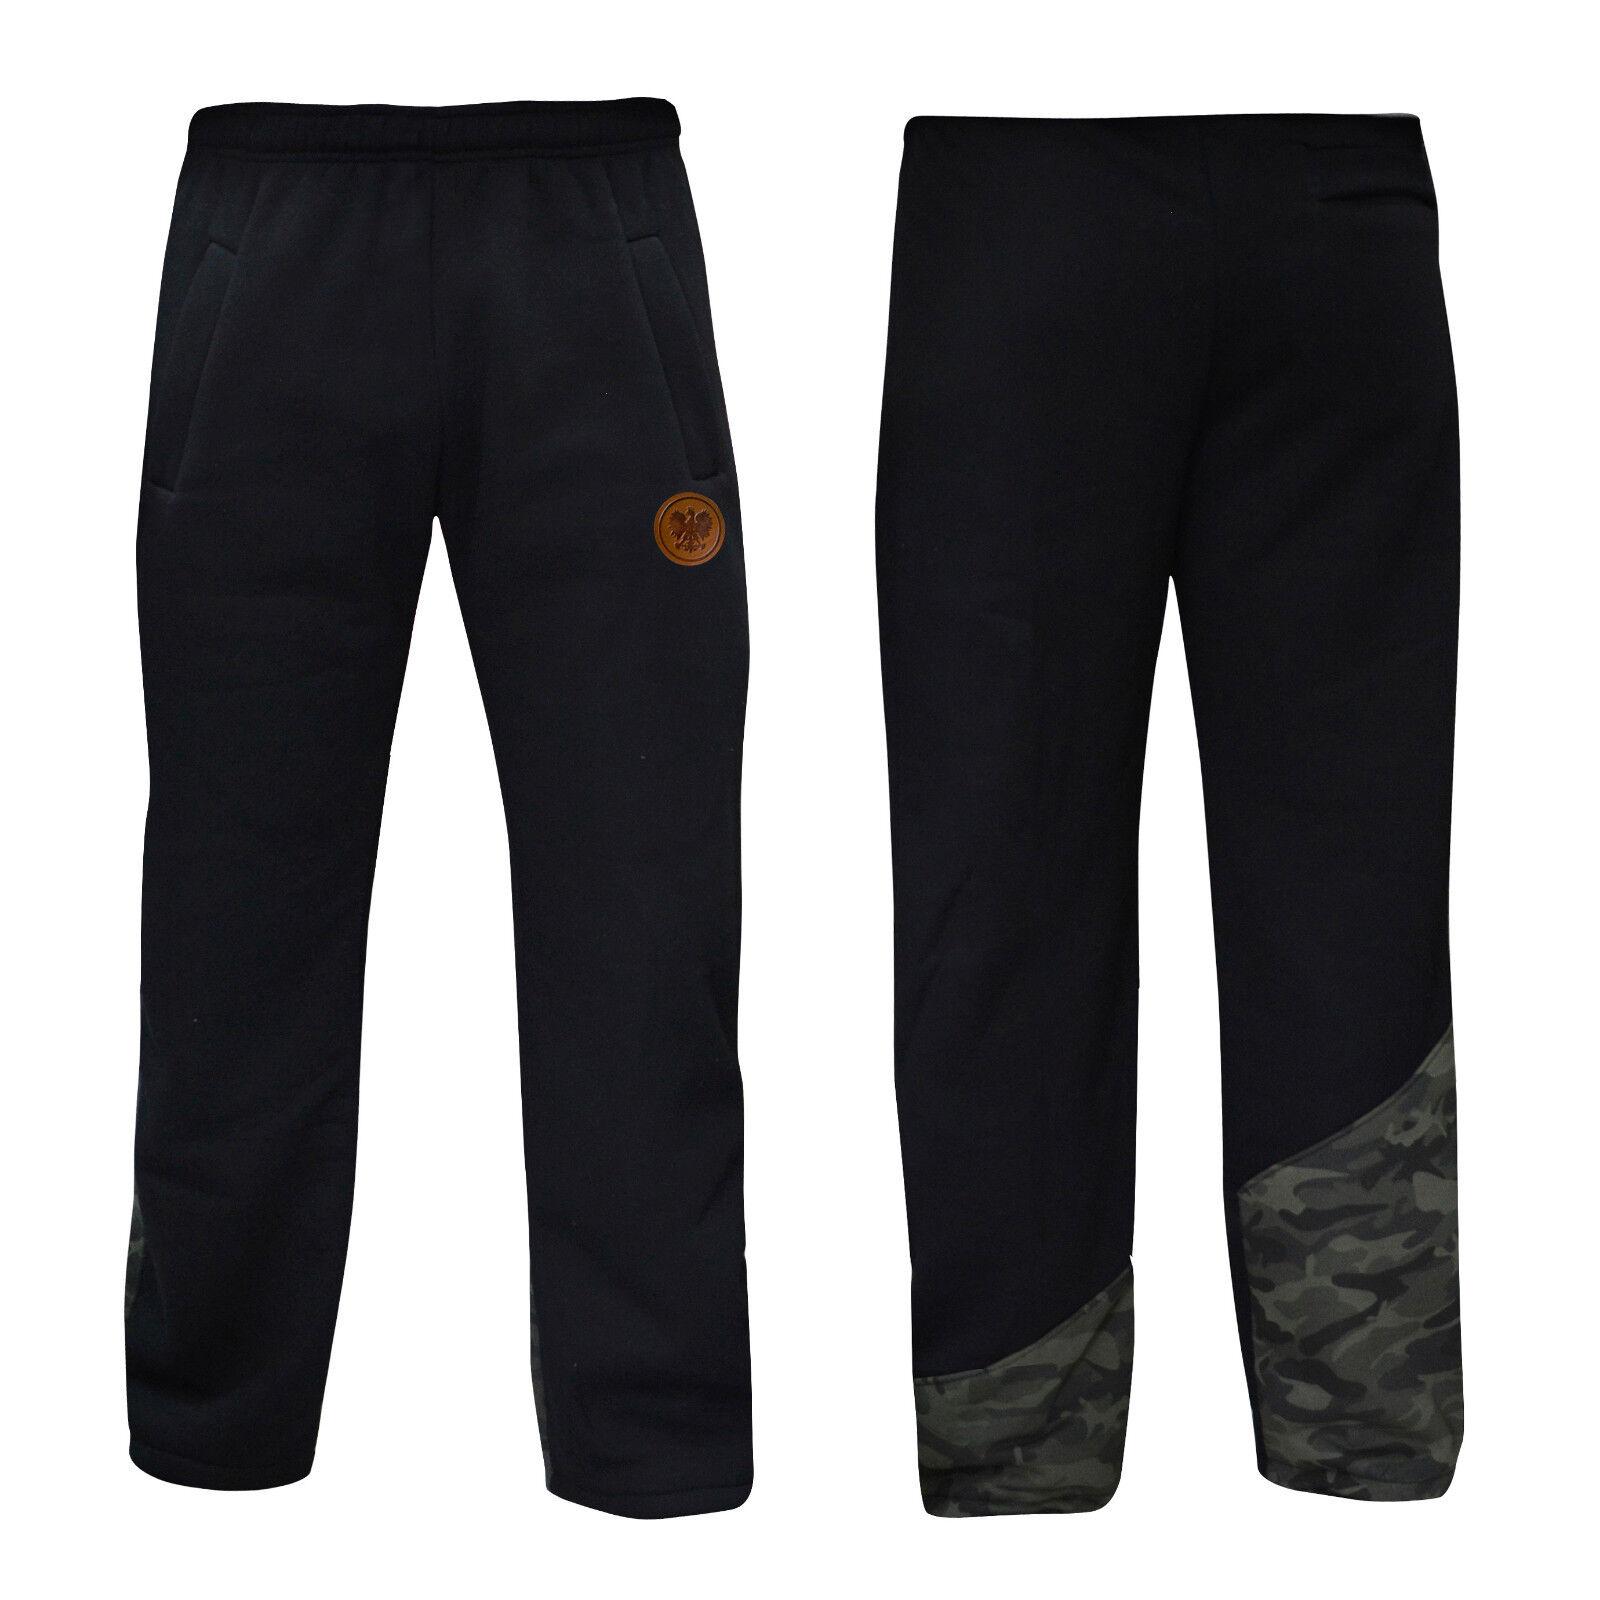 Spodnie dresowe dresy Sweatpants Trousers Polska Orzeł Poland Eagle Camo Mgold